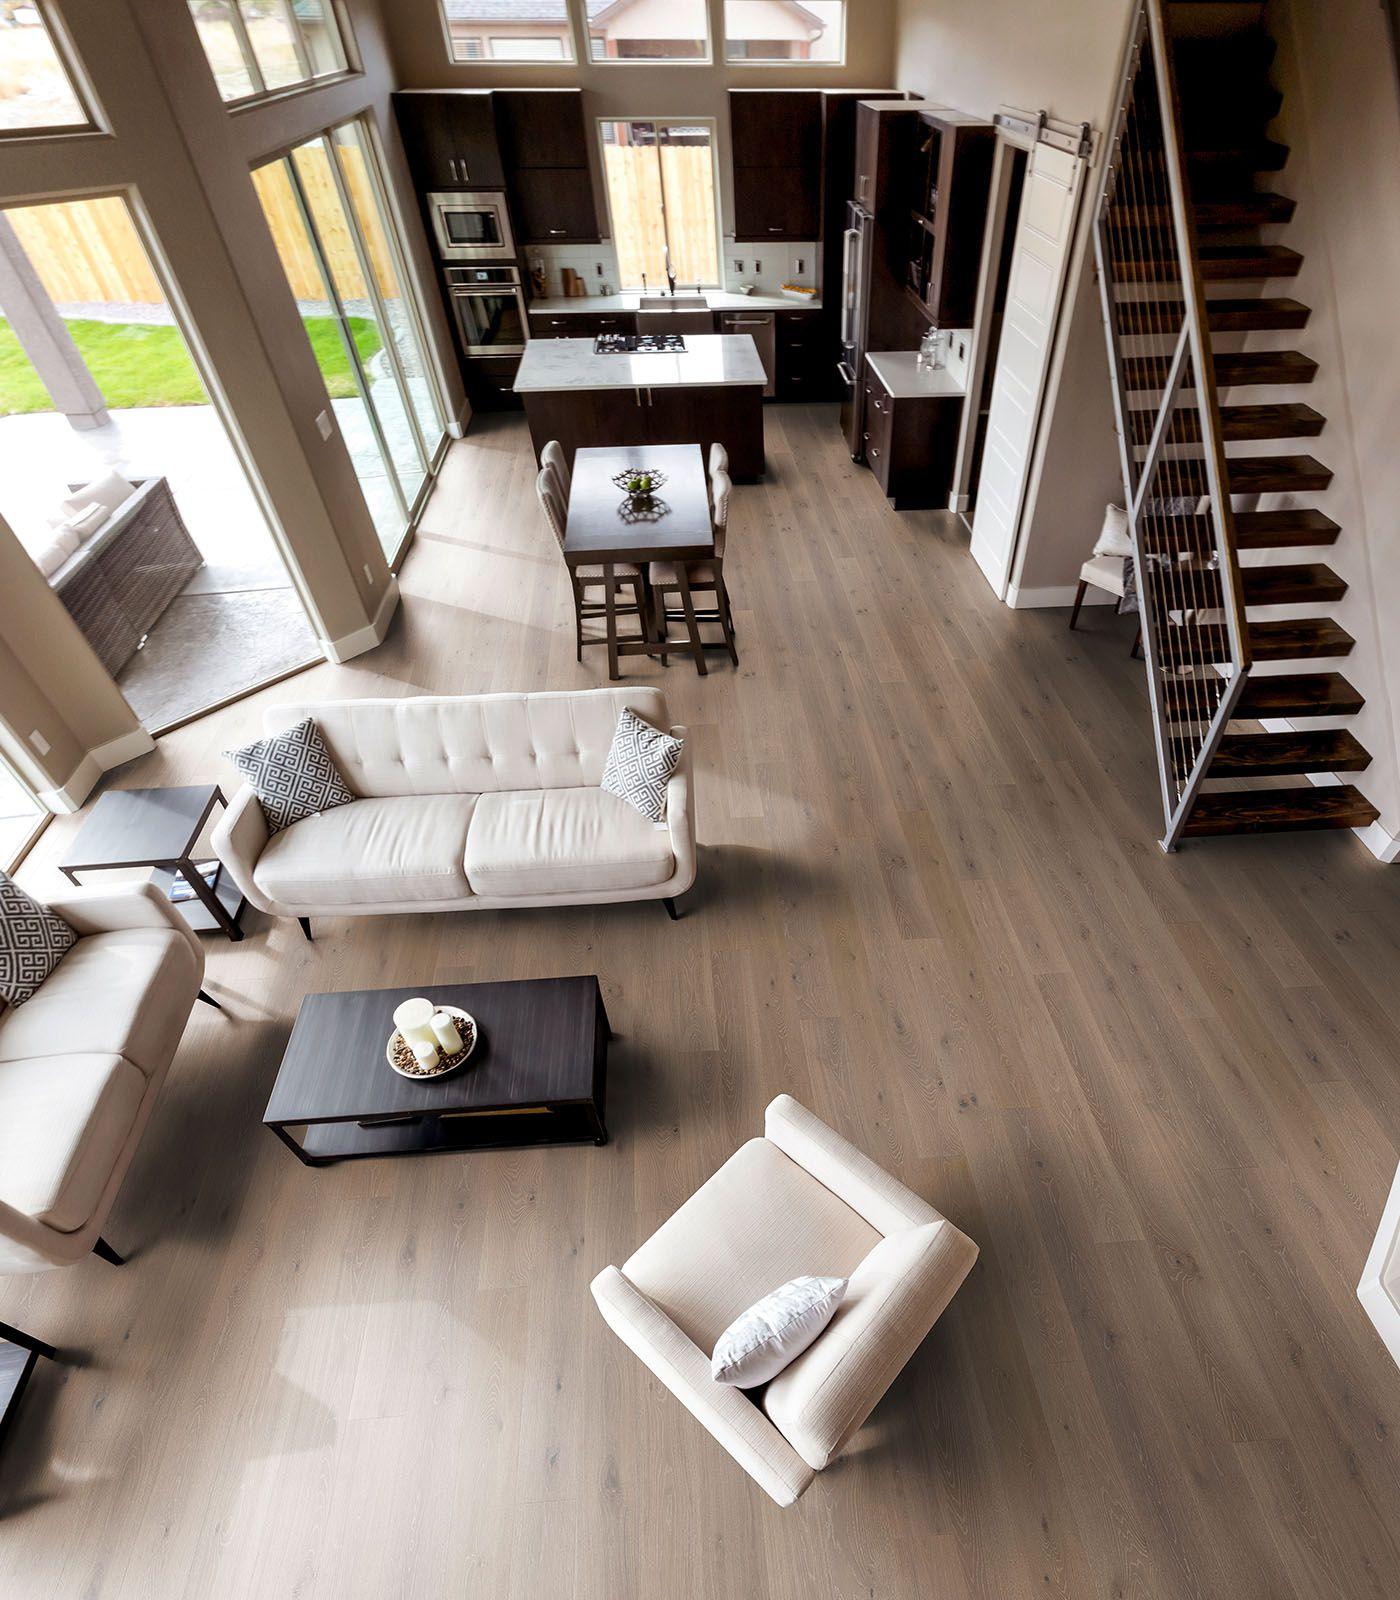 Tolle Landhausdielen Von Woodline Parquetry In Einem Modernem Wohnzimmer.  Harmonisch Eingerichtet In Beige Und Braun